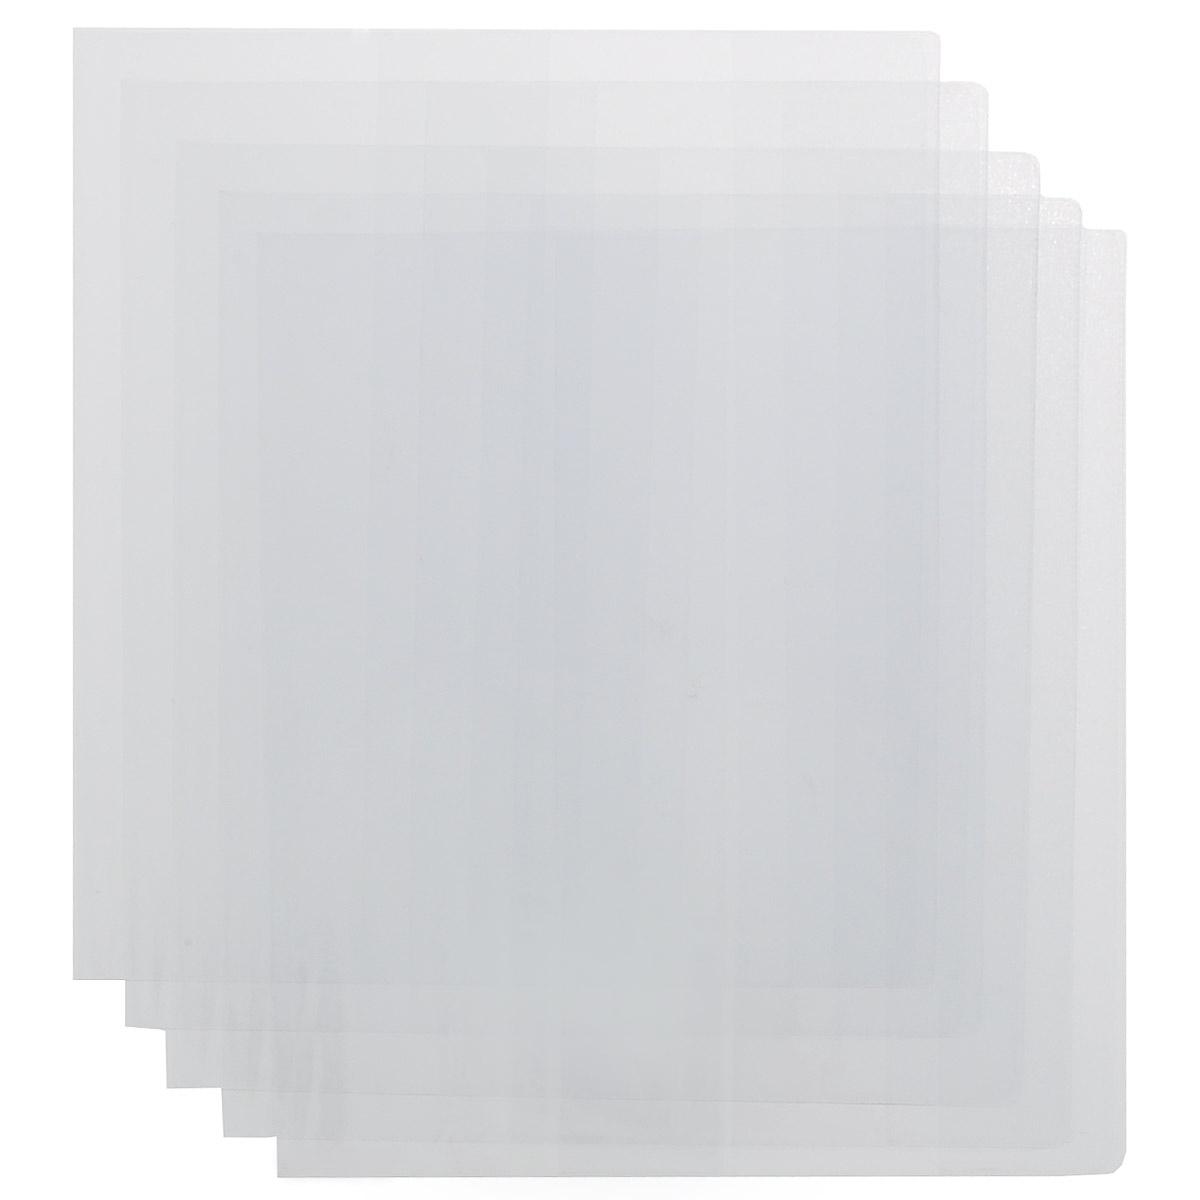 Набор обложек для учебников Брупак, цвет: прозрачный, 26,7 см х 50,8 см, 5 штК10-17Набор цветных обложек для учебников Брупак предназначены для защиты от пыли, грязи и механических повреждений. Обложки с прозрачными клапанами.